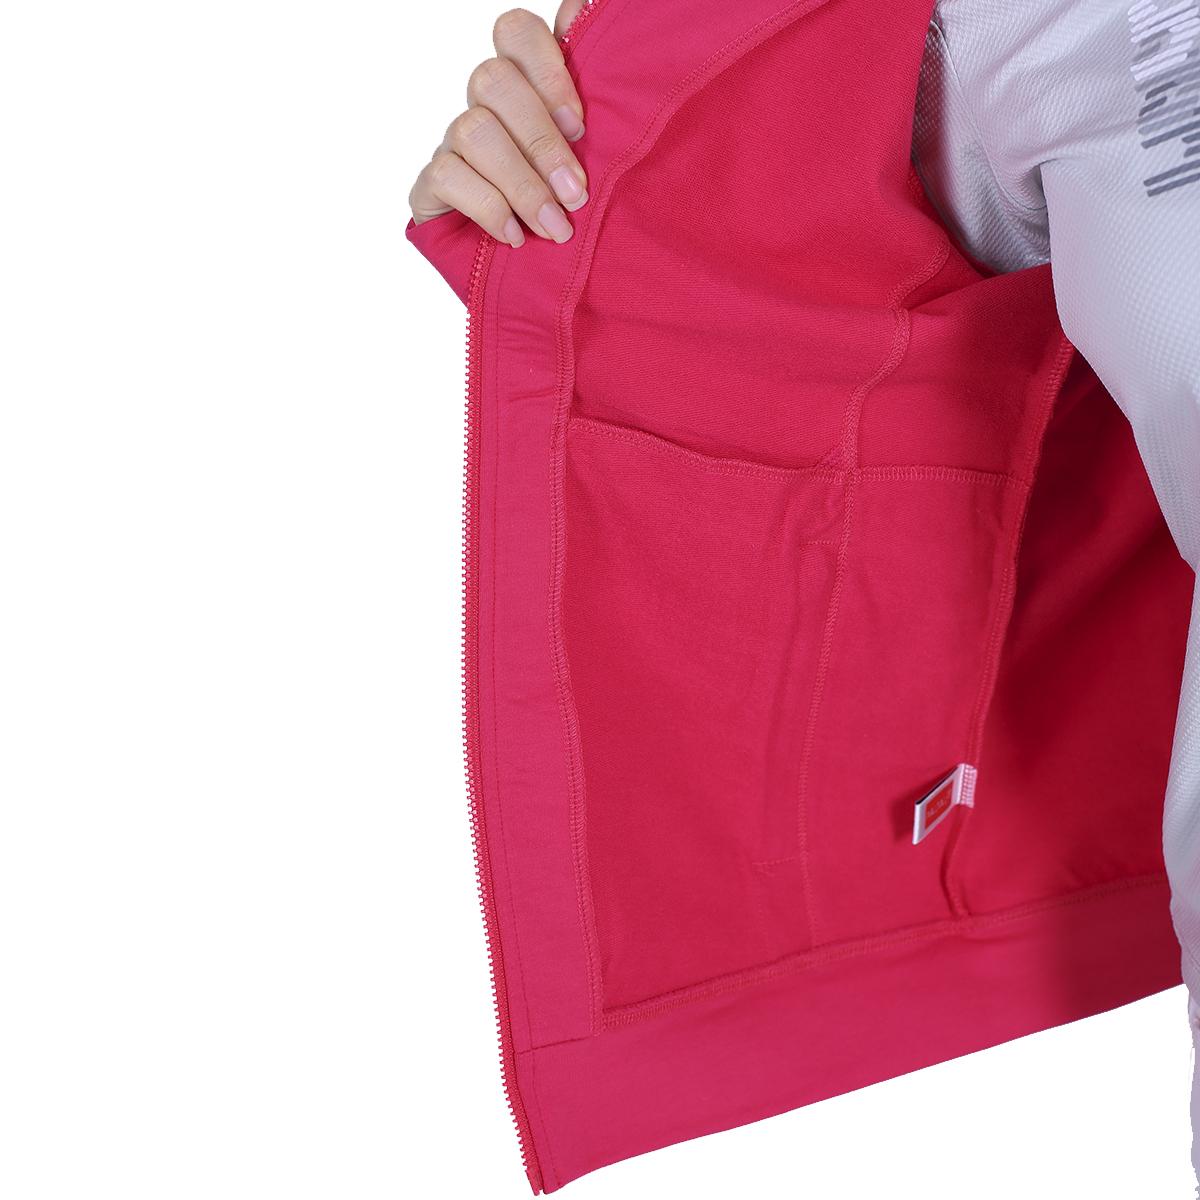 Áo khoác c3 cao cấp có nón chống tia tử ngoại uv akcn 401p 1030